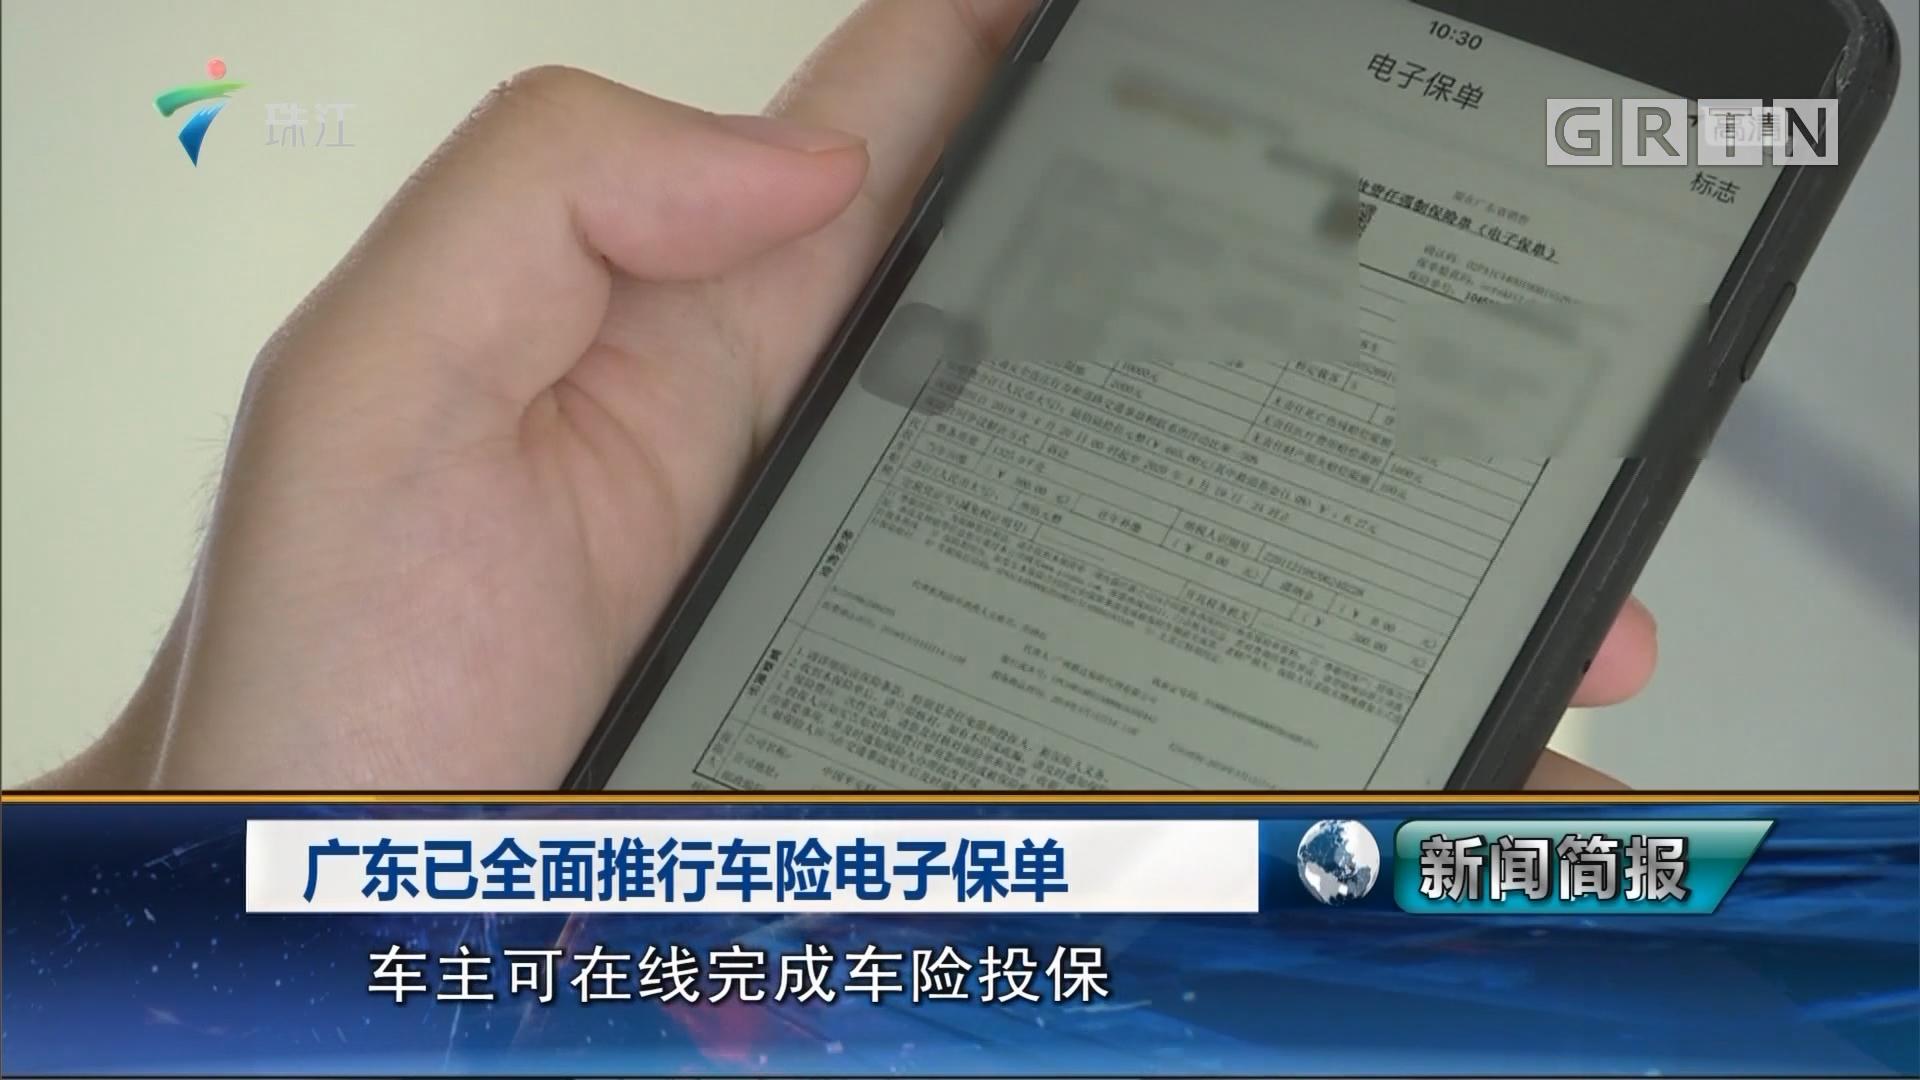 广东已全面推行车险电子保单